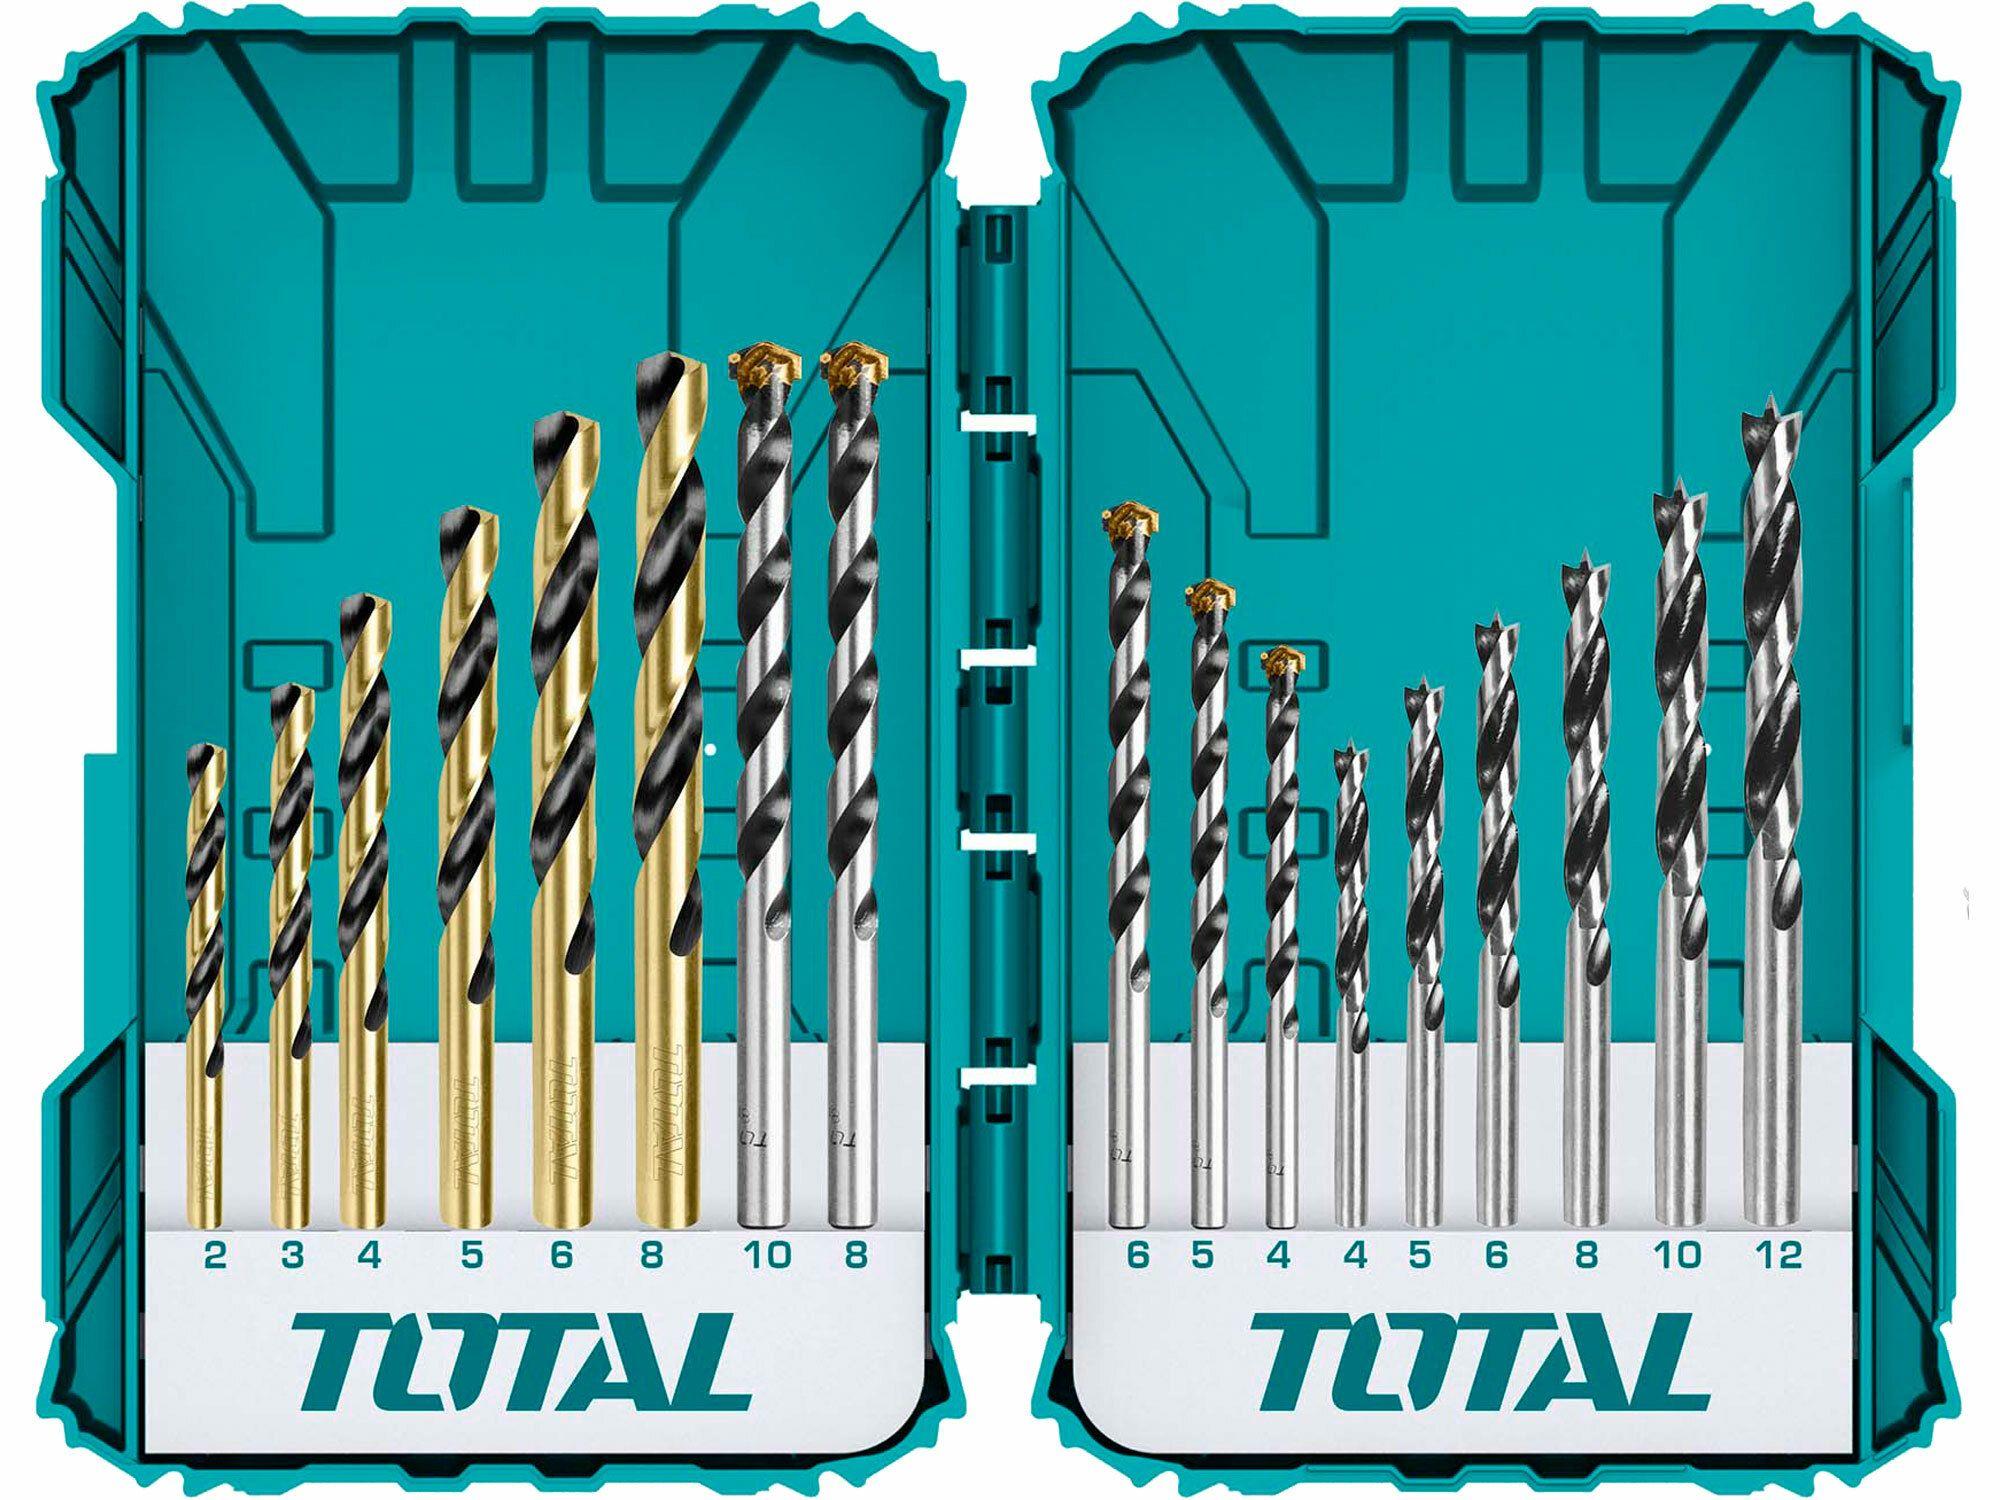 Vrtáky, kombinovaná sada, 16ks TOTAL-TOOLS